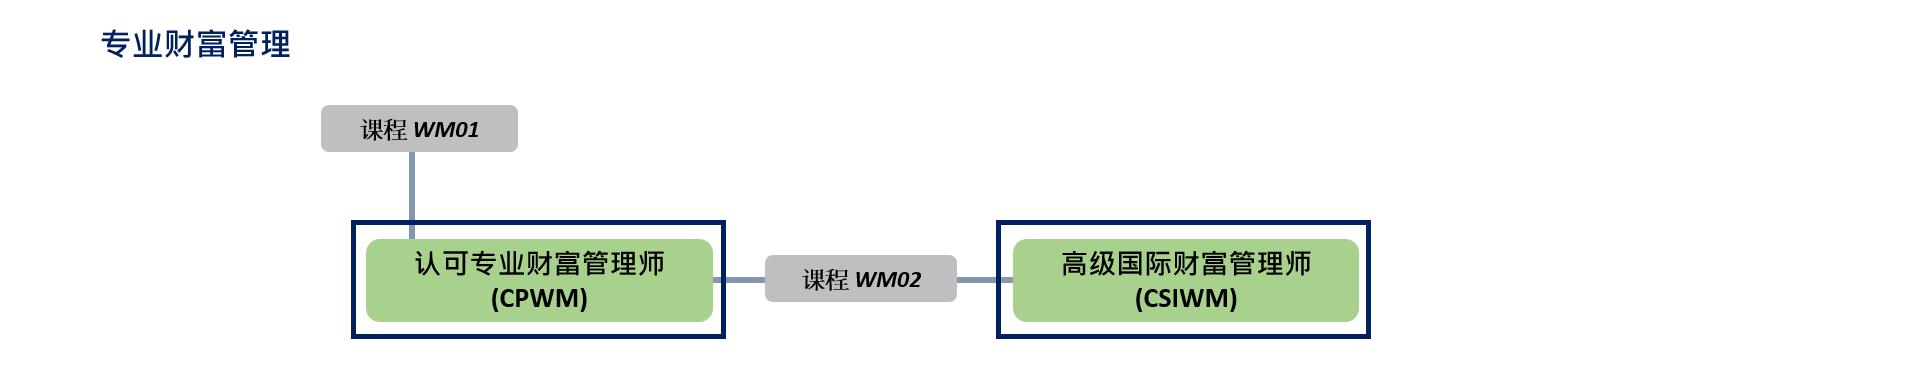 WM [CN]